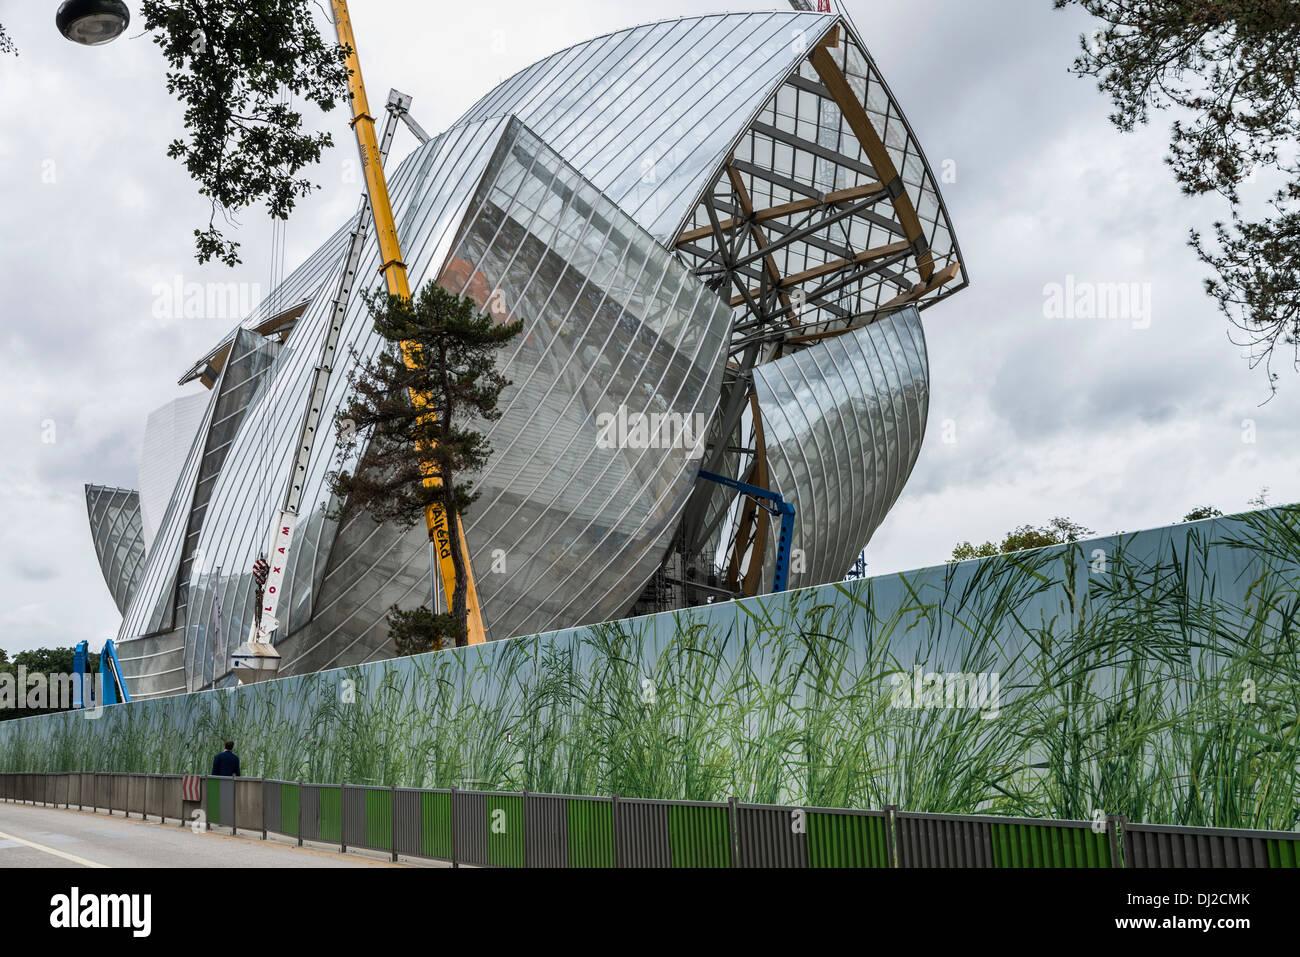 Fondation Louis Vuitton Bois de Boulogne Paris - Stock Image